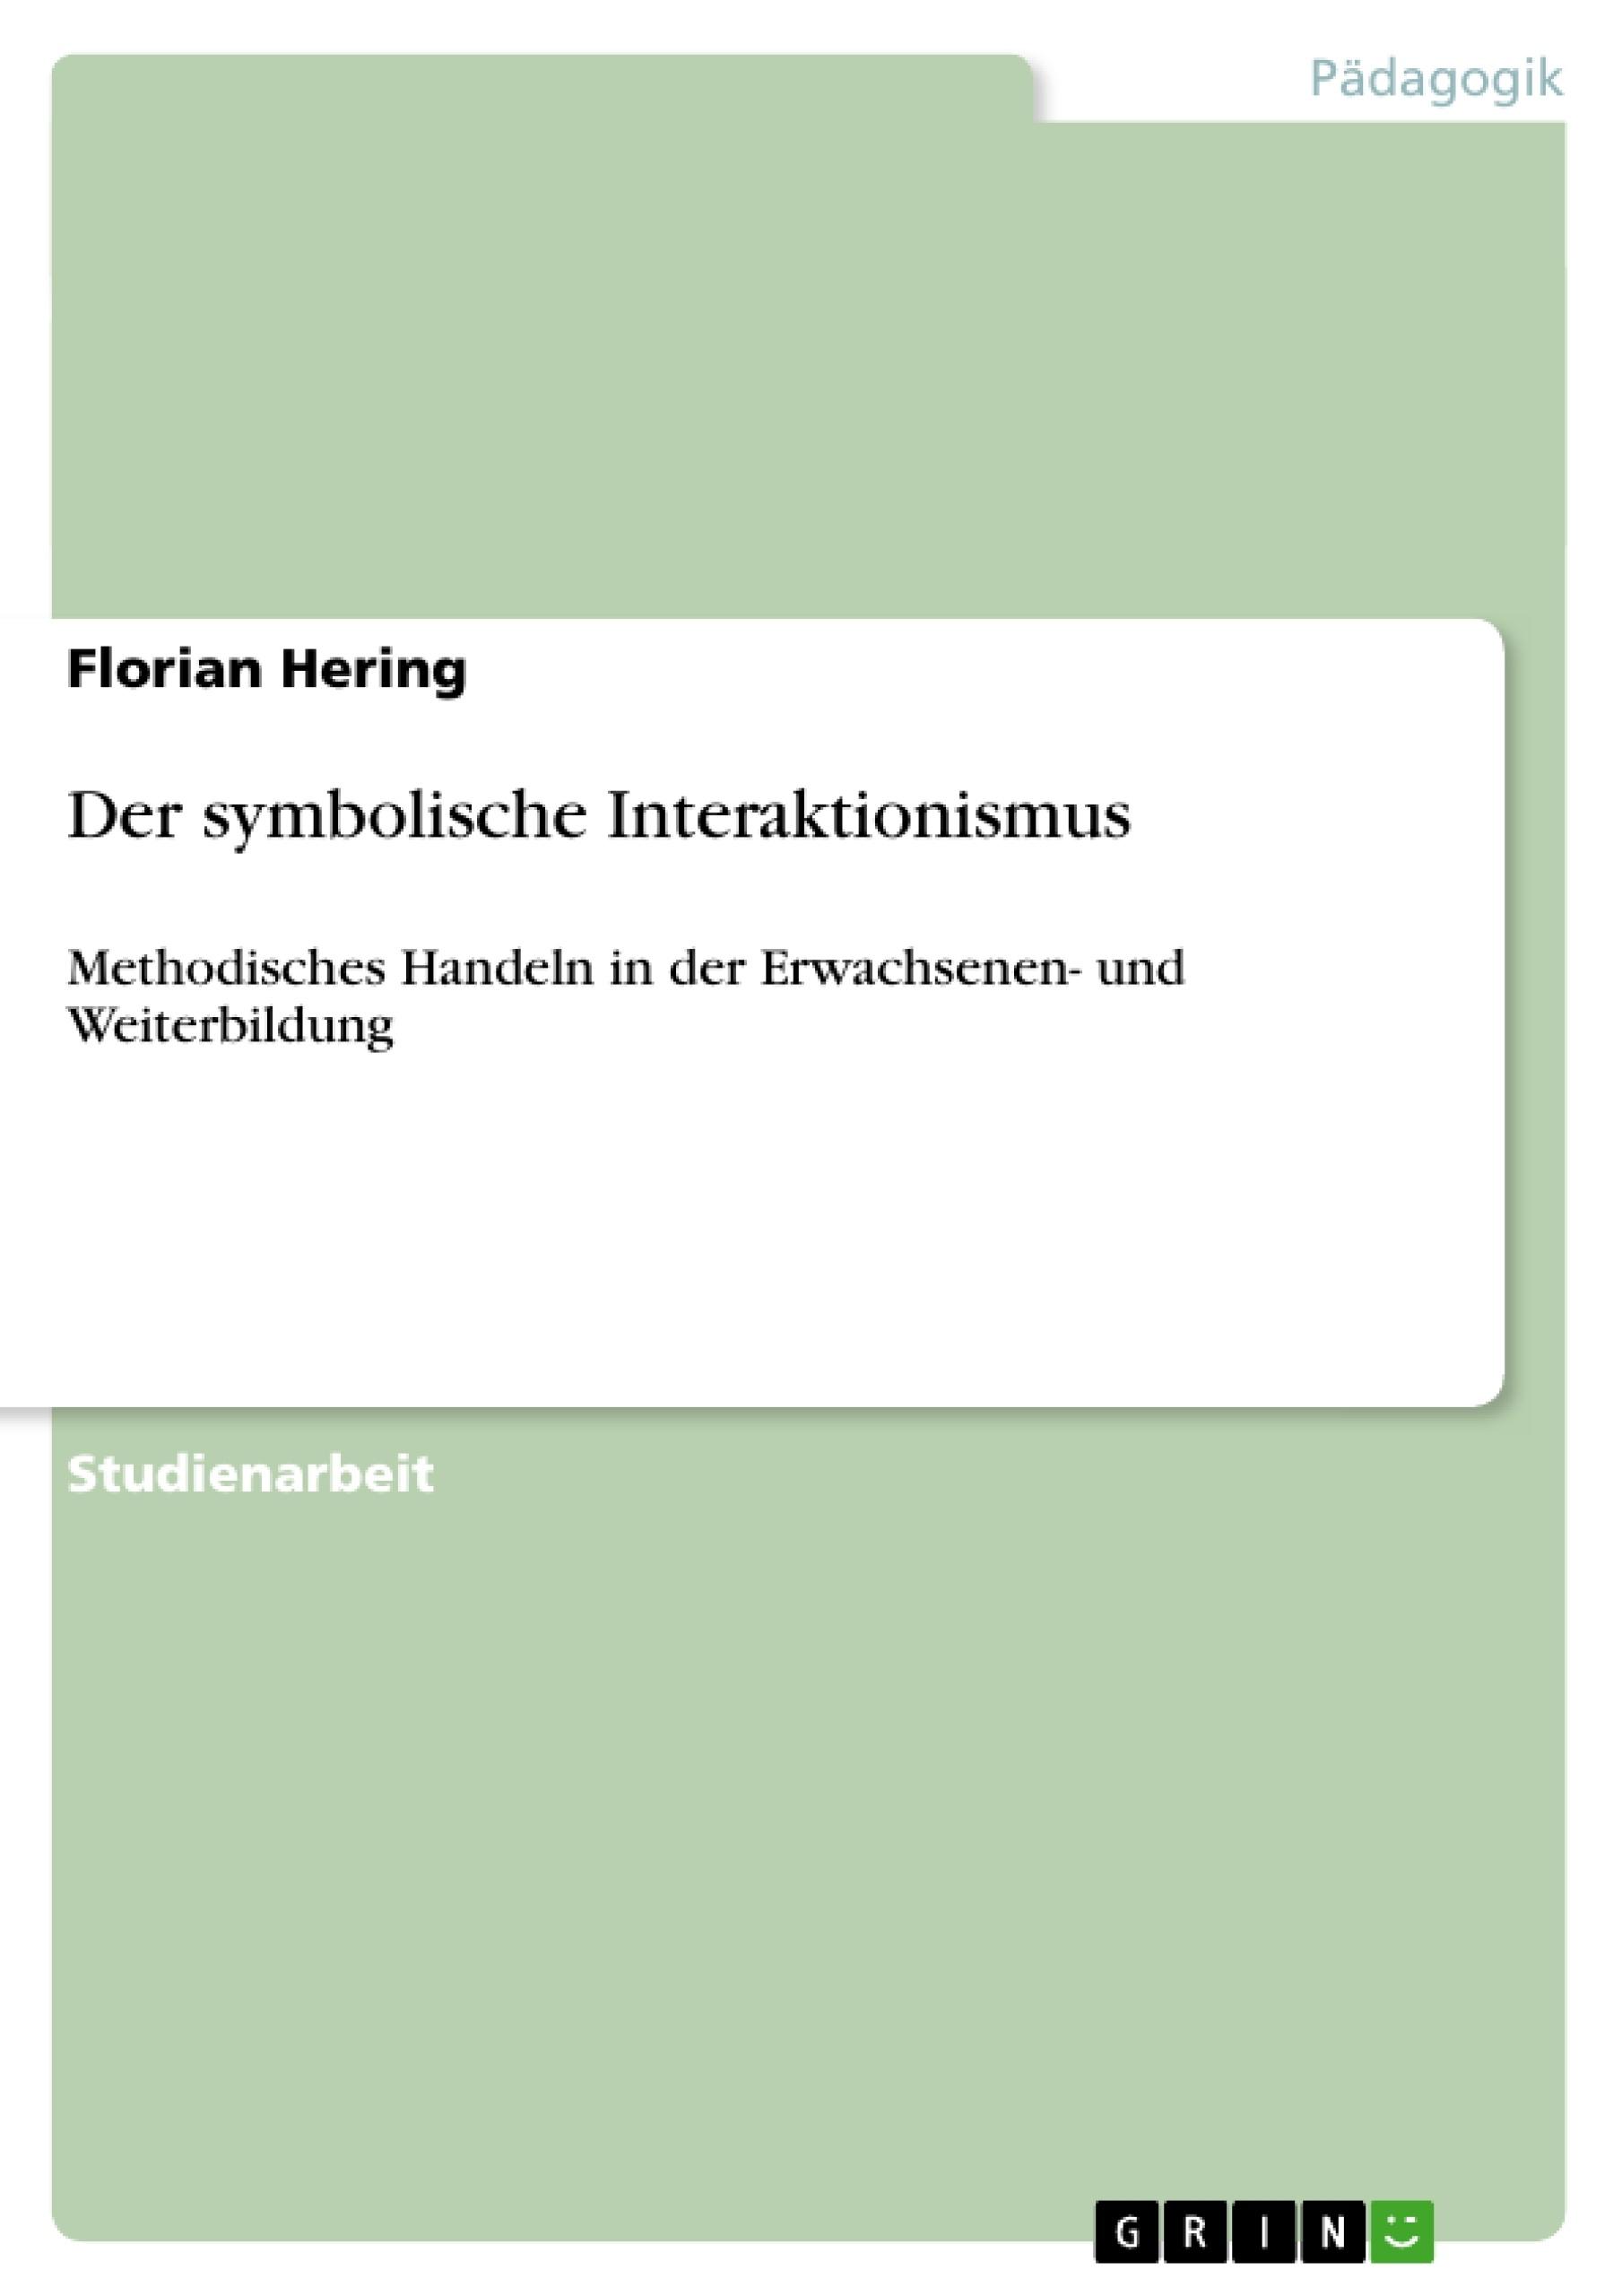 Titel: Der symbolische Interaktionismus